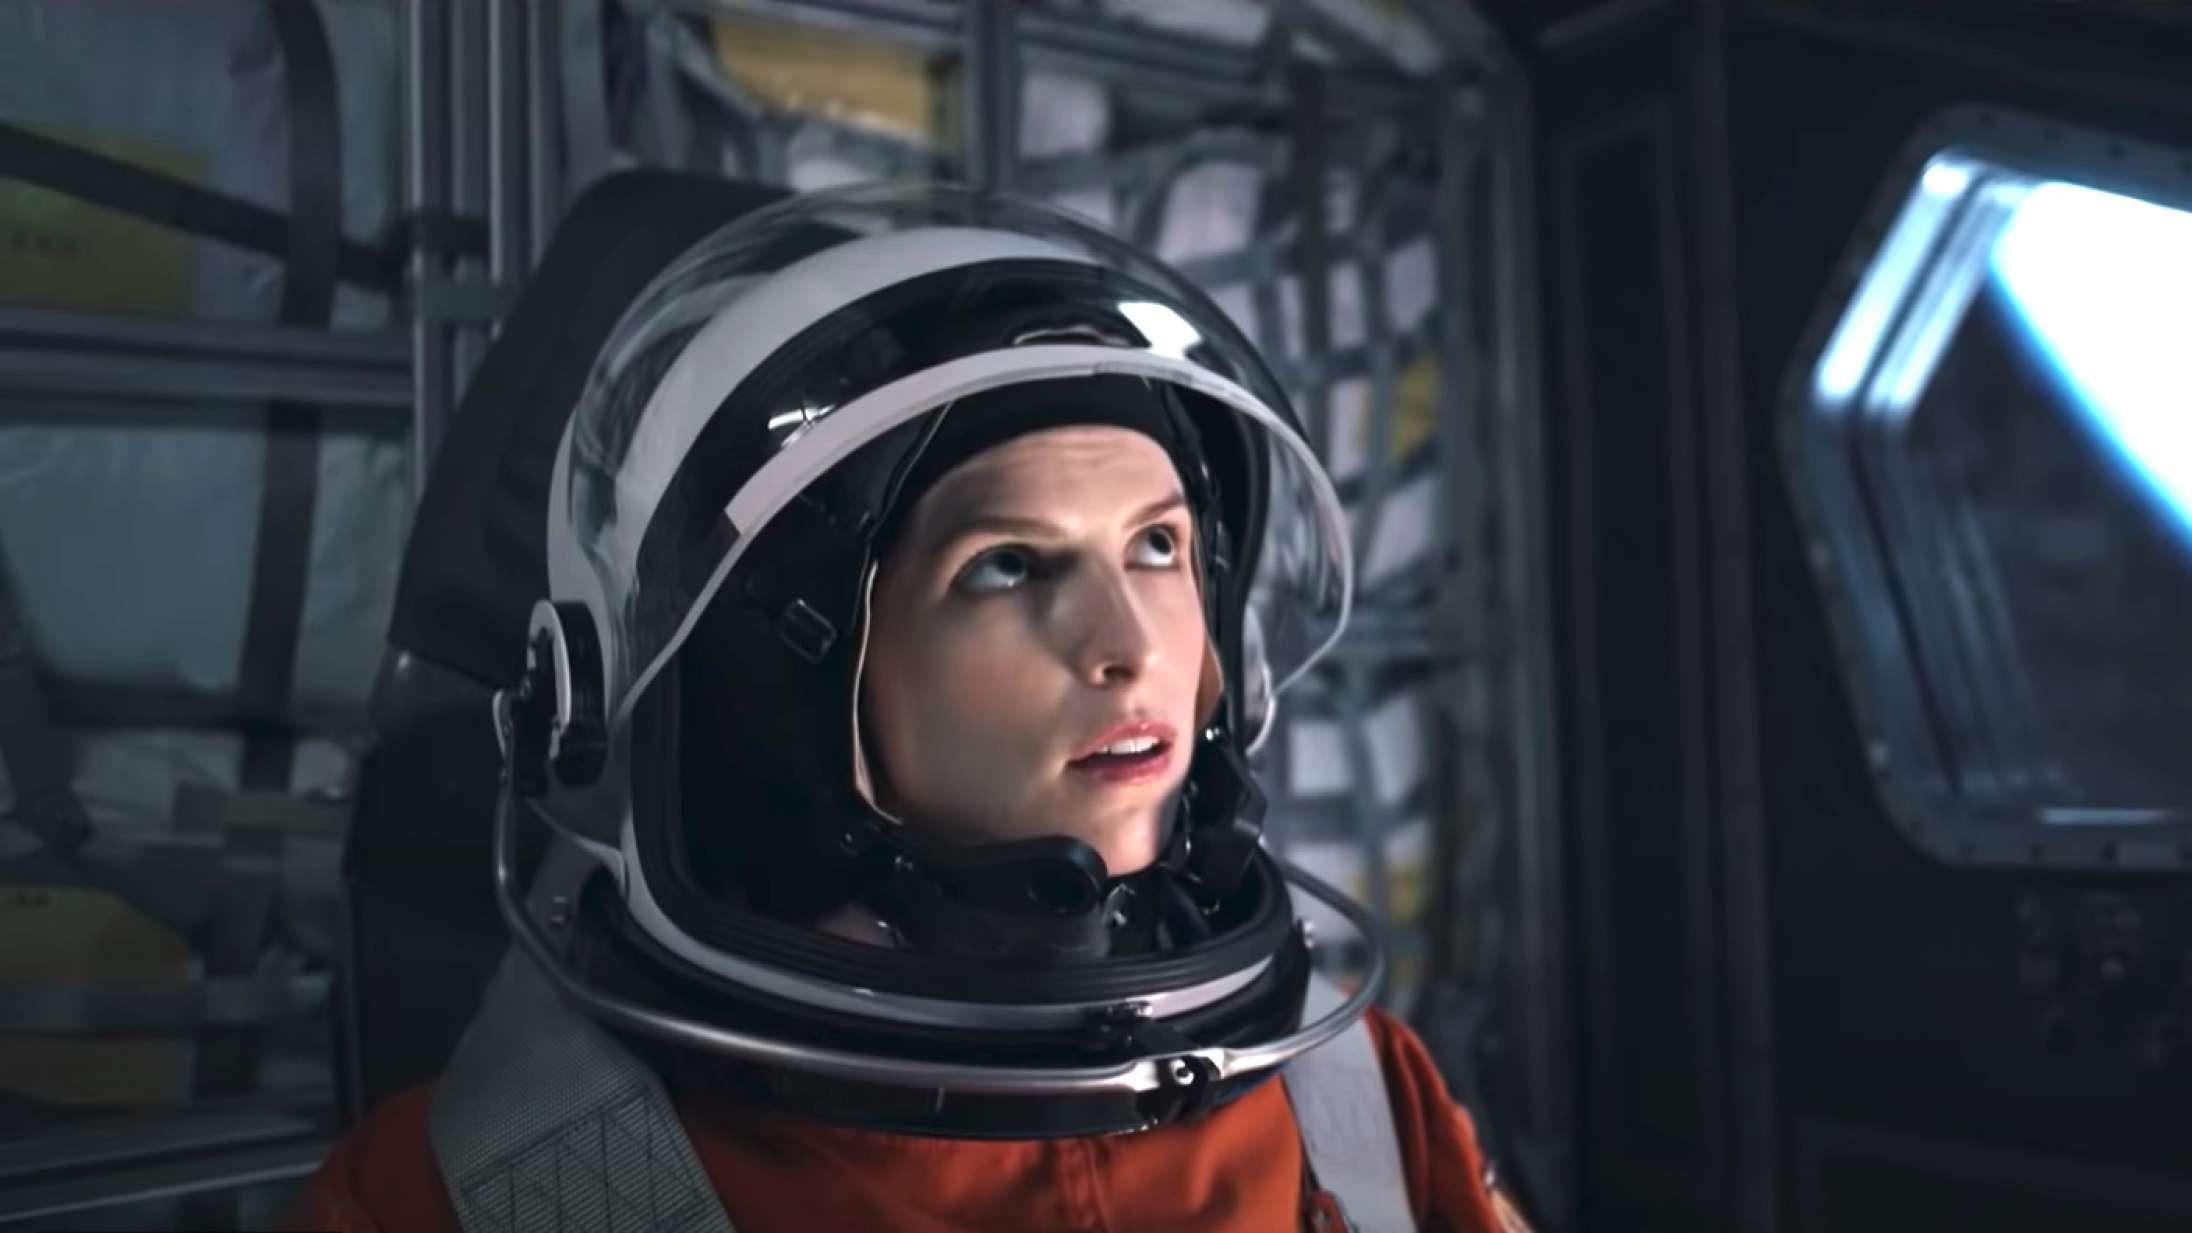 Se traileren til Netflix-rumthrilleren 'Stowaway' med Anna Kendrick og Toni Collette